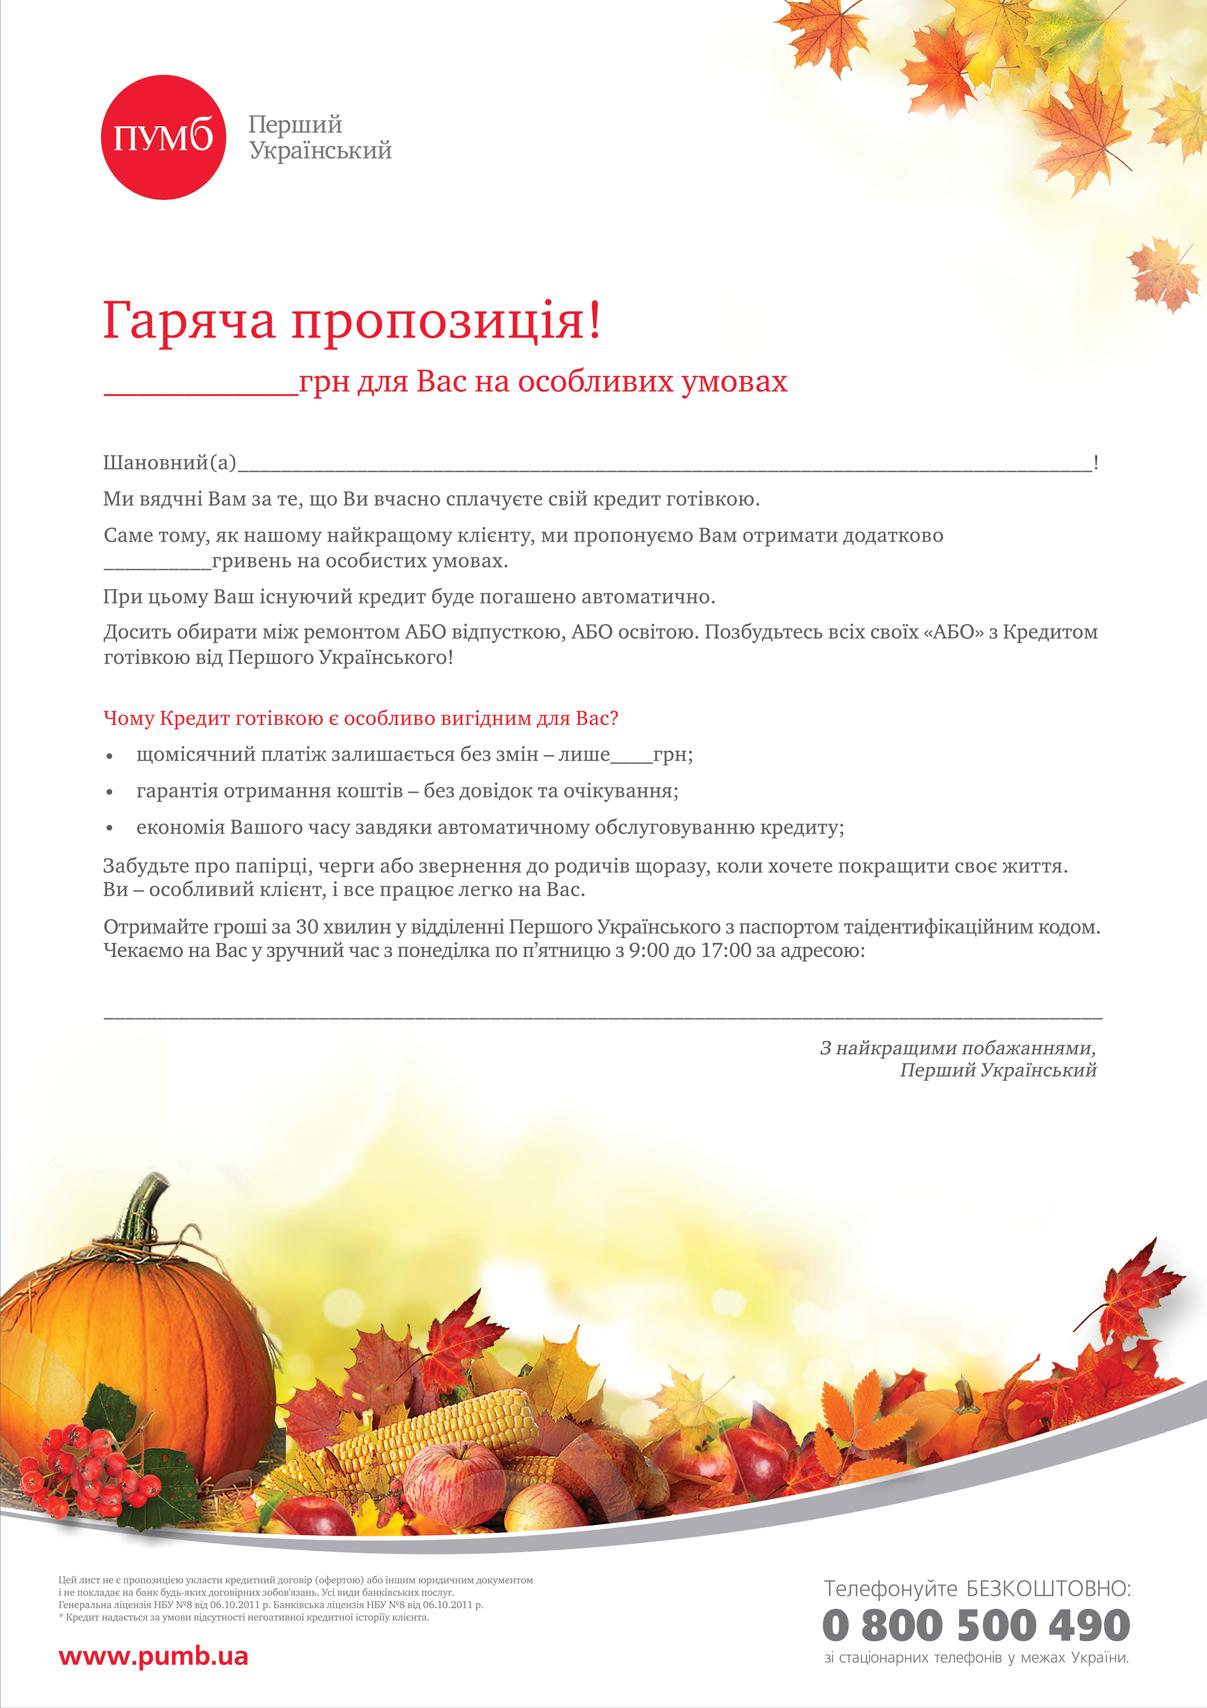 20121022_163947000_iOS